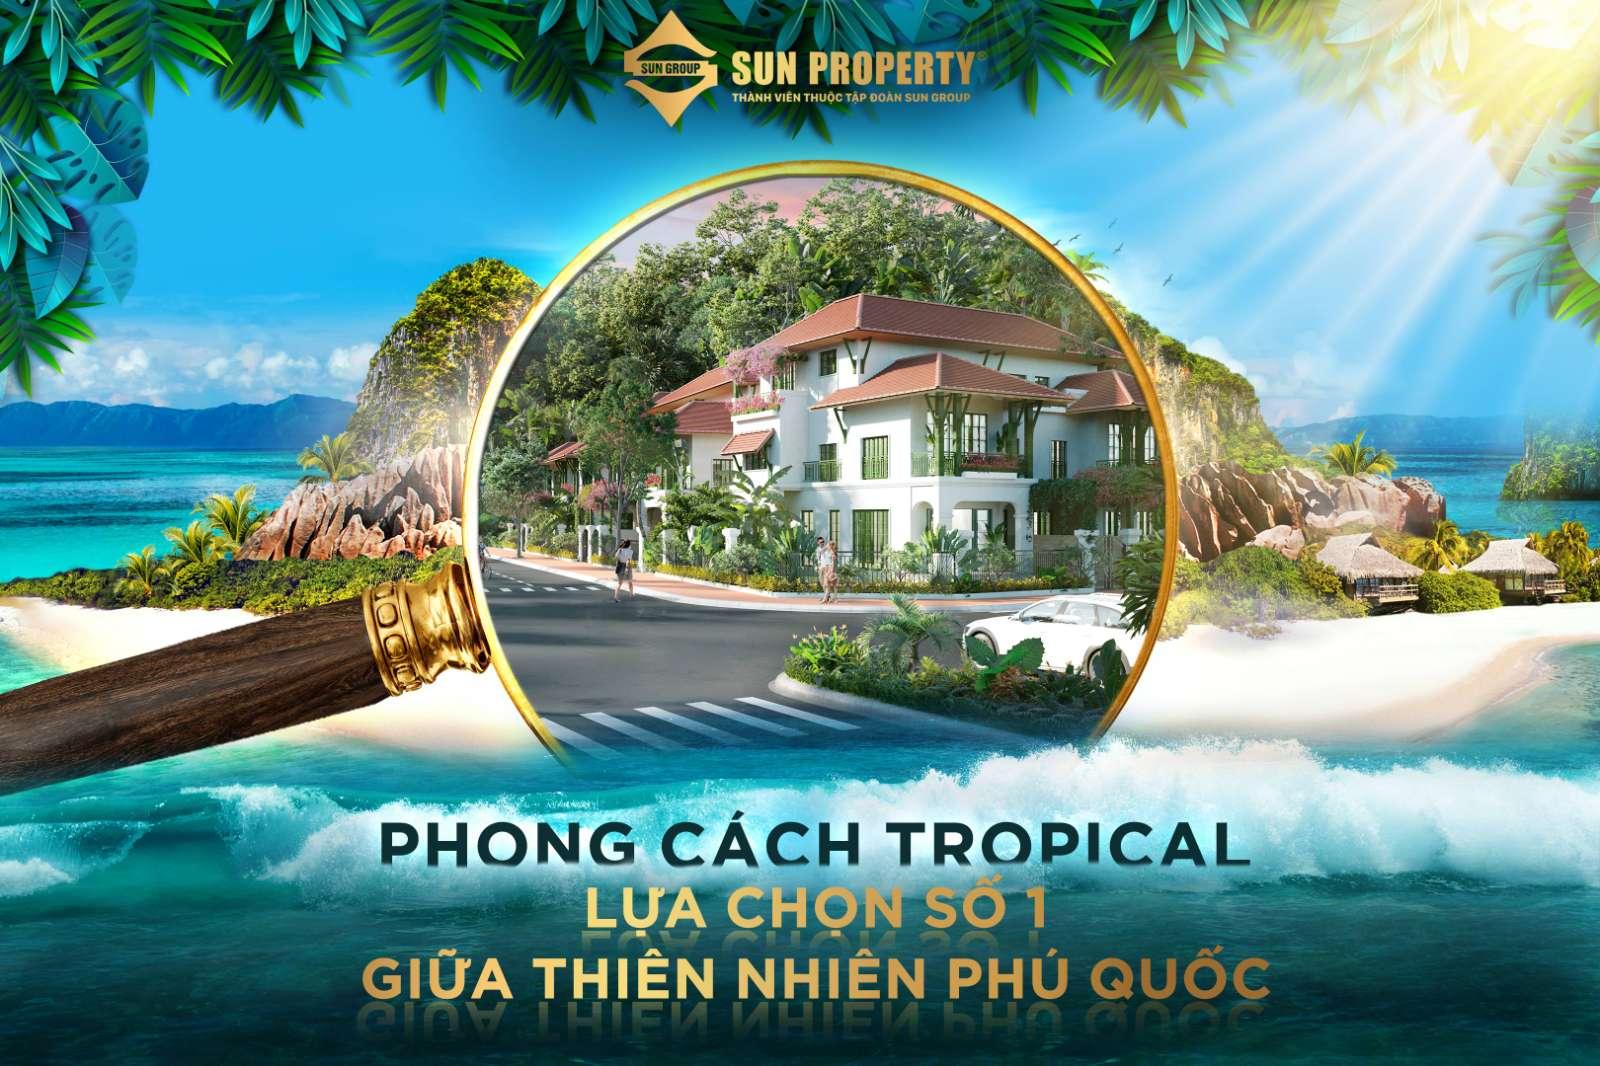 Phong cách giữ thiên nhiên SUn Tropical Village